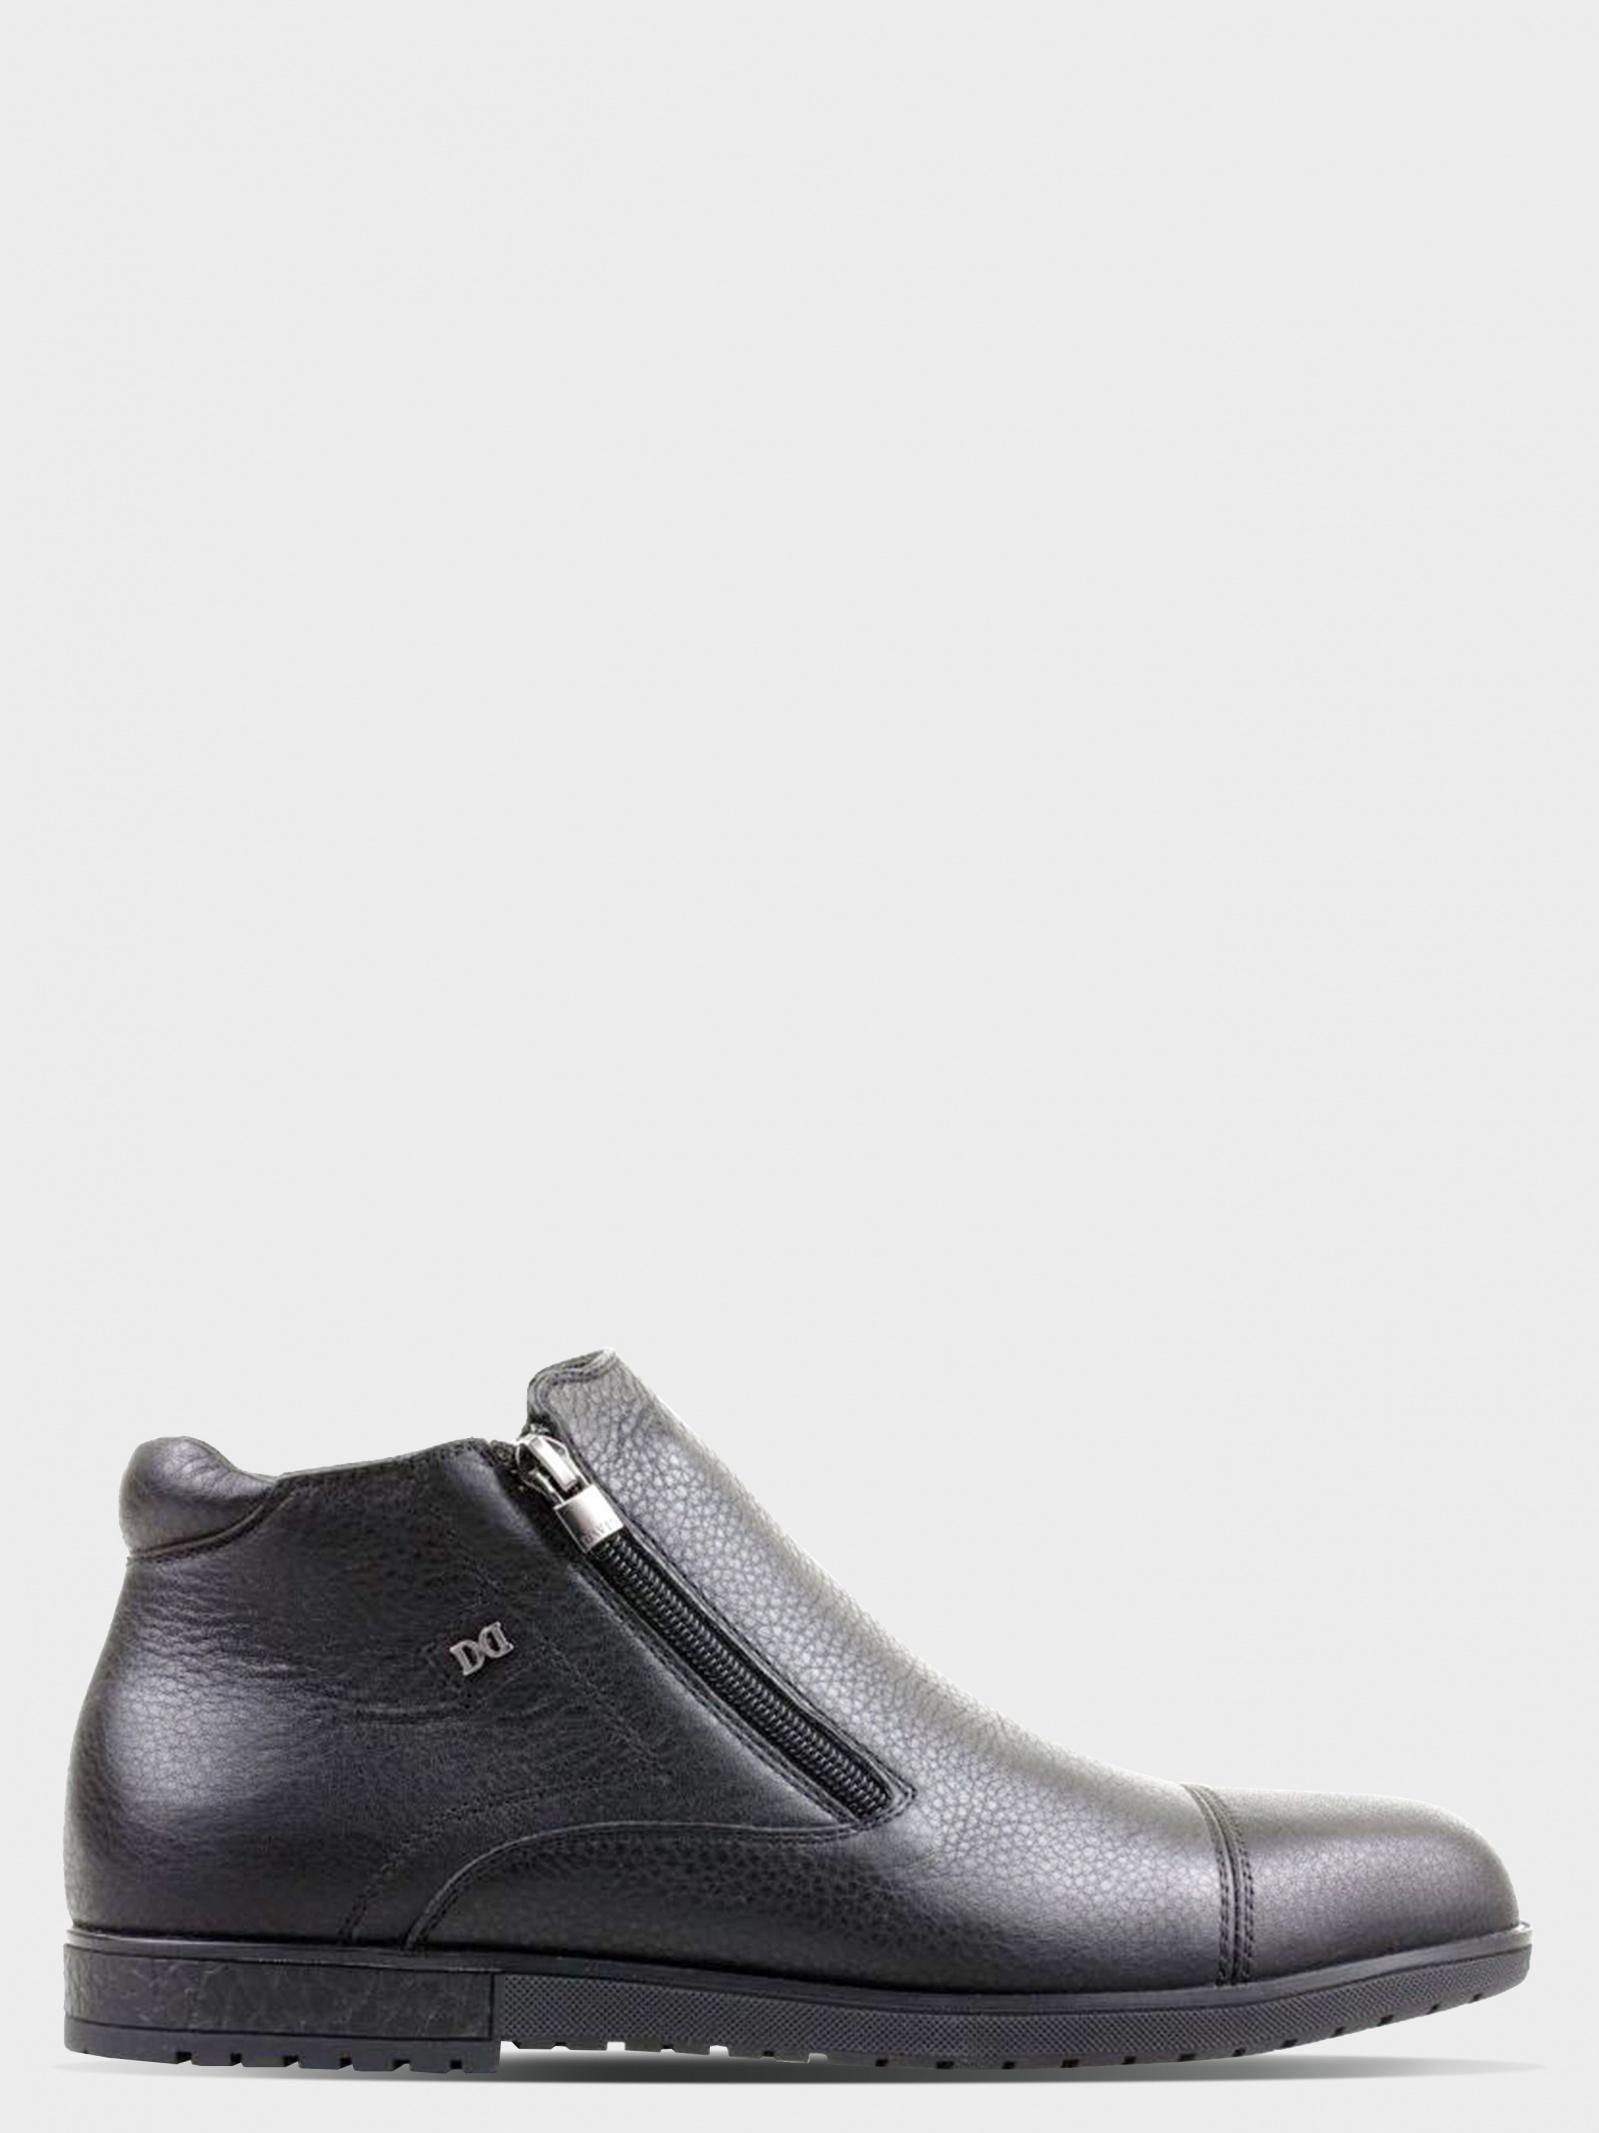 Ботинки для мужчин Davis dynamic shoes 1676-48 в Украине, 2017